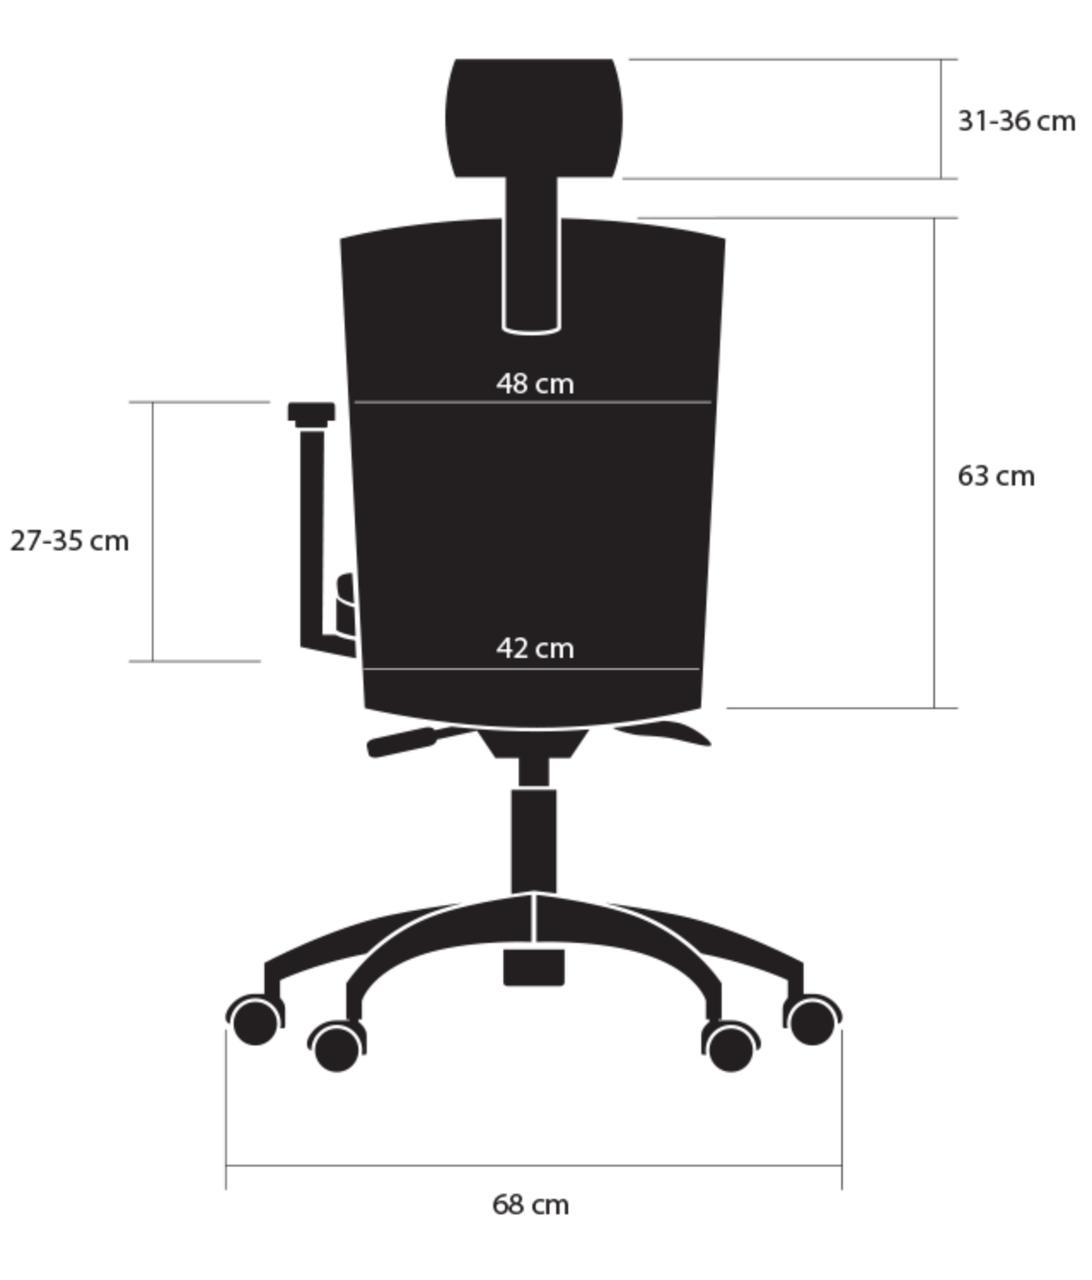 wymiary tył bok fotela ergonomicznego Elegance kulik system